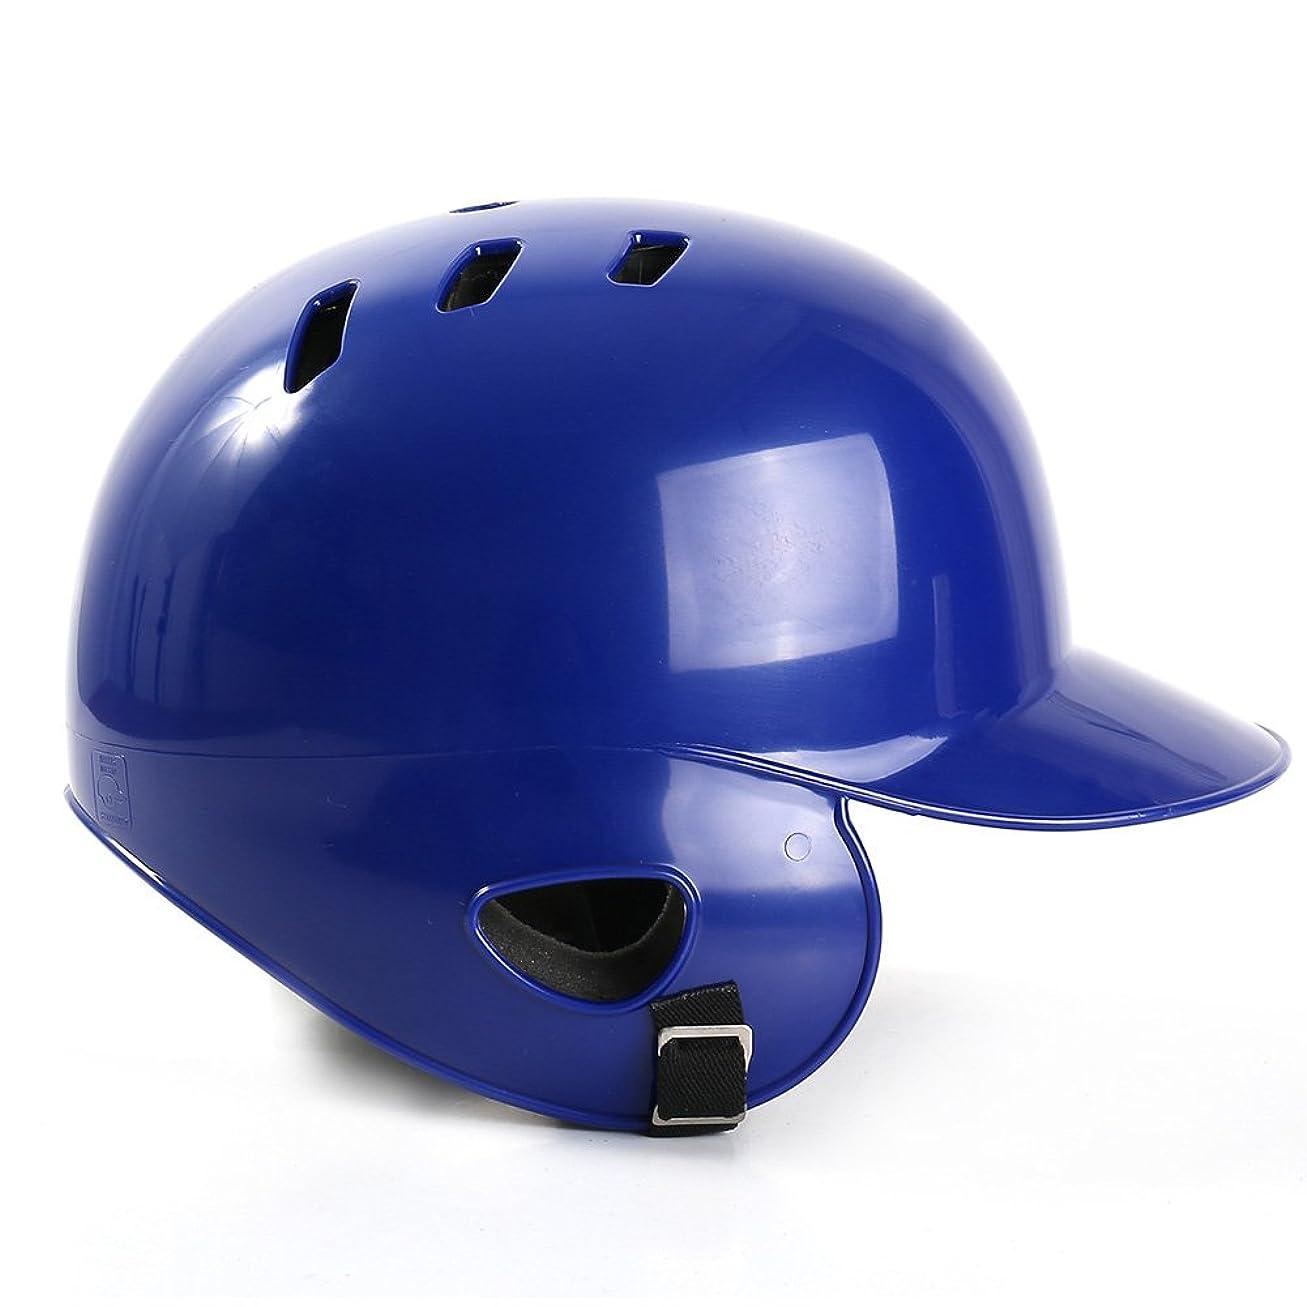 並外れて競合他社選手寂しい野球ヘルメット耐衝撃性ソフトボールバッティング安全バンプキャッププロテクターフェイスマスク通気性スポーツ保護(ブルー)